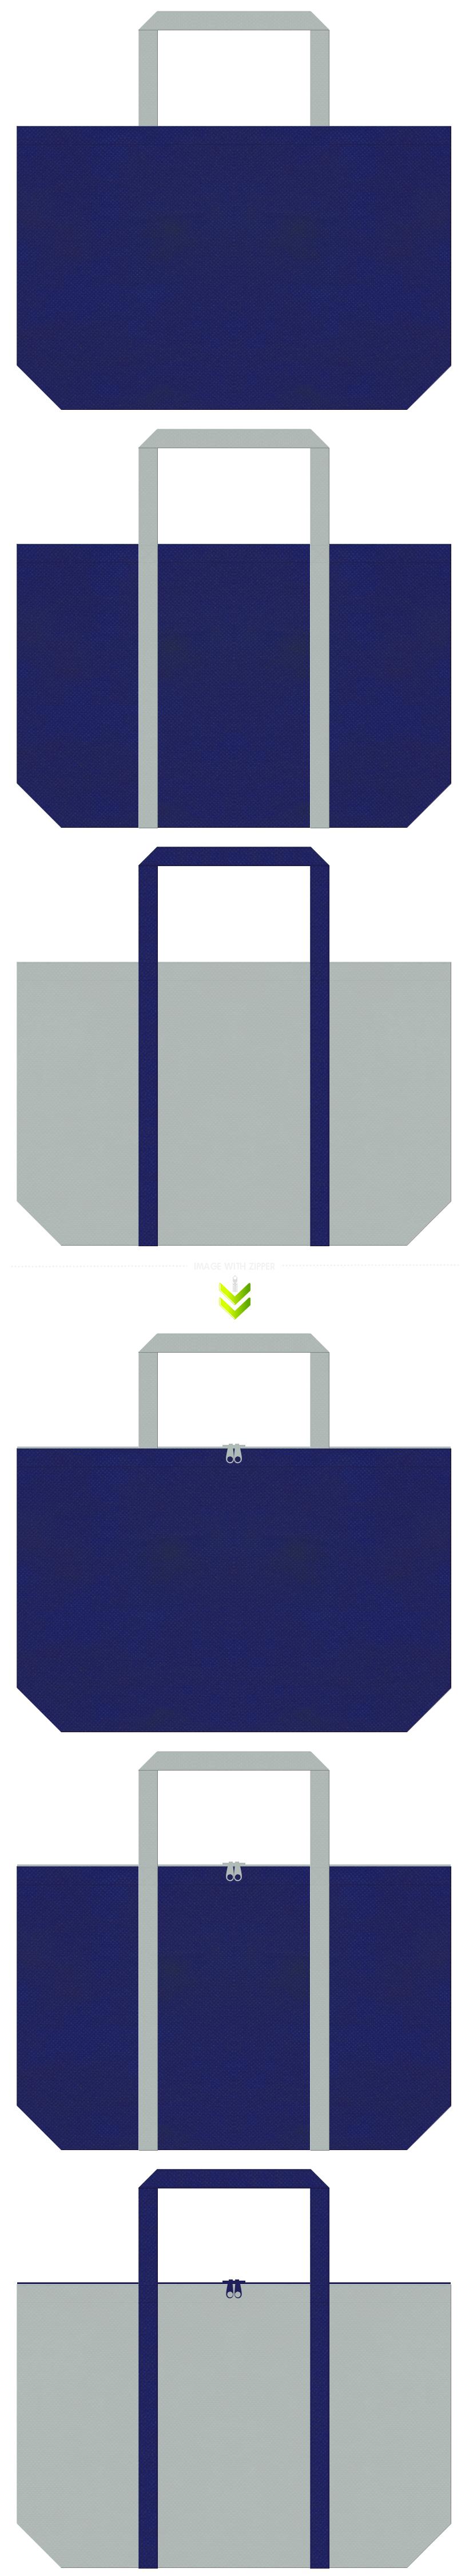 明るい紺色とグレー色の不織布エコバッグのデザイン。ランドリーバッグにお奨めの配色です。